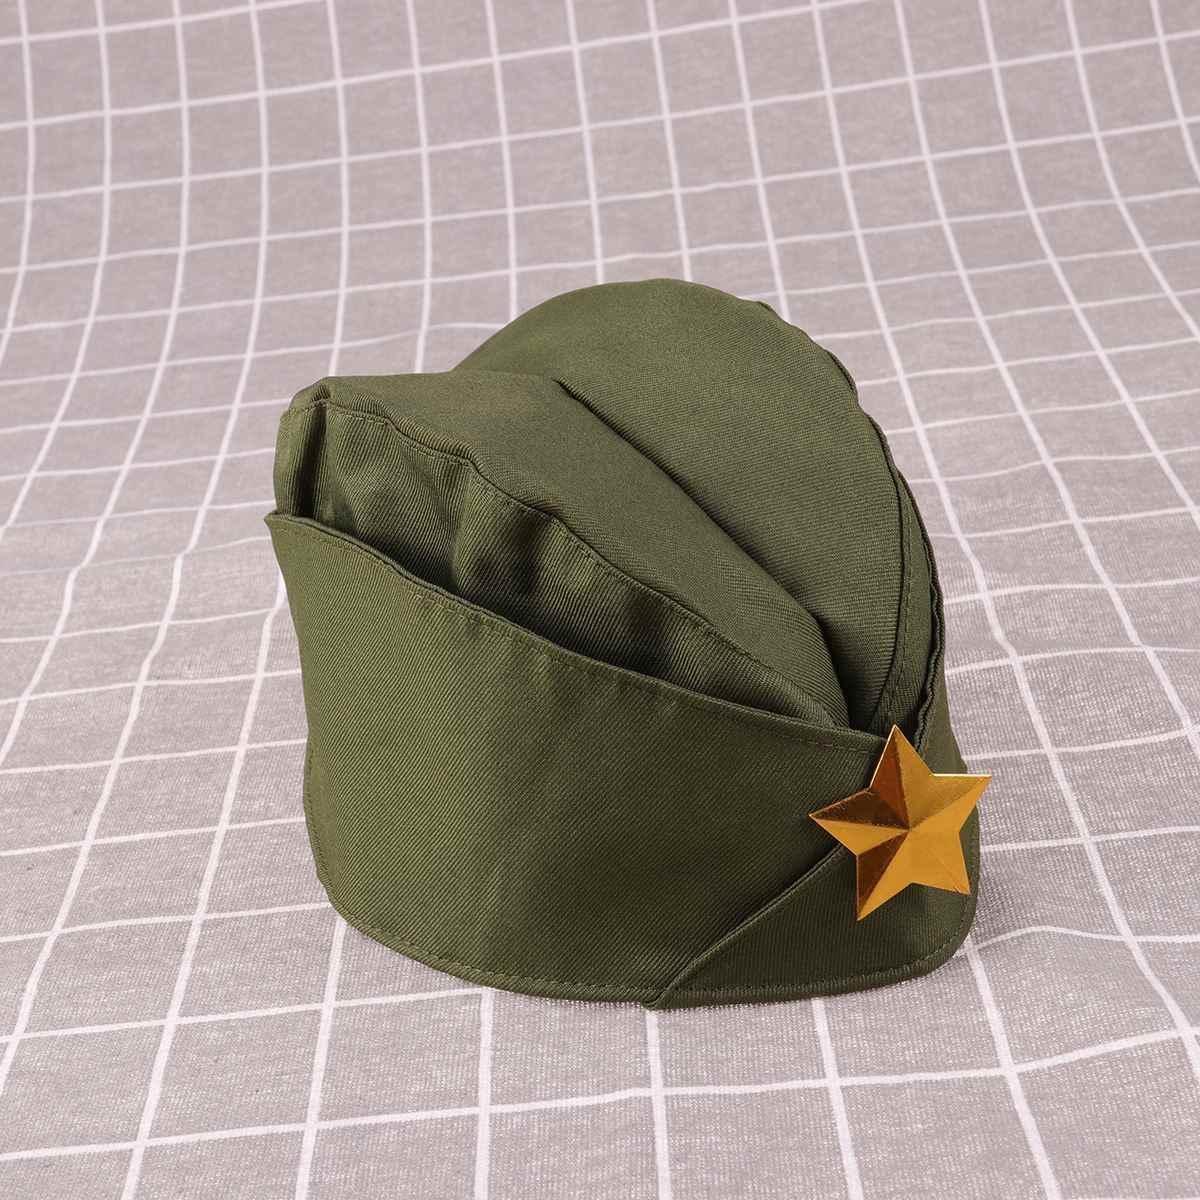 1 adet rus asker şapkası altın yıldız Sailor şapka lacivert şapka sahne performansı denizci dans tekne kap parti süslemeleri malzemeleri